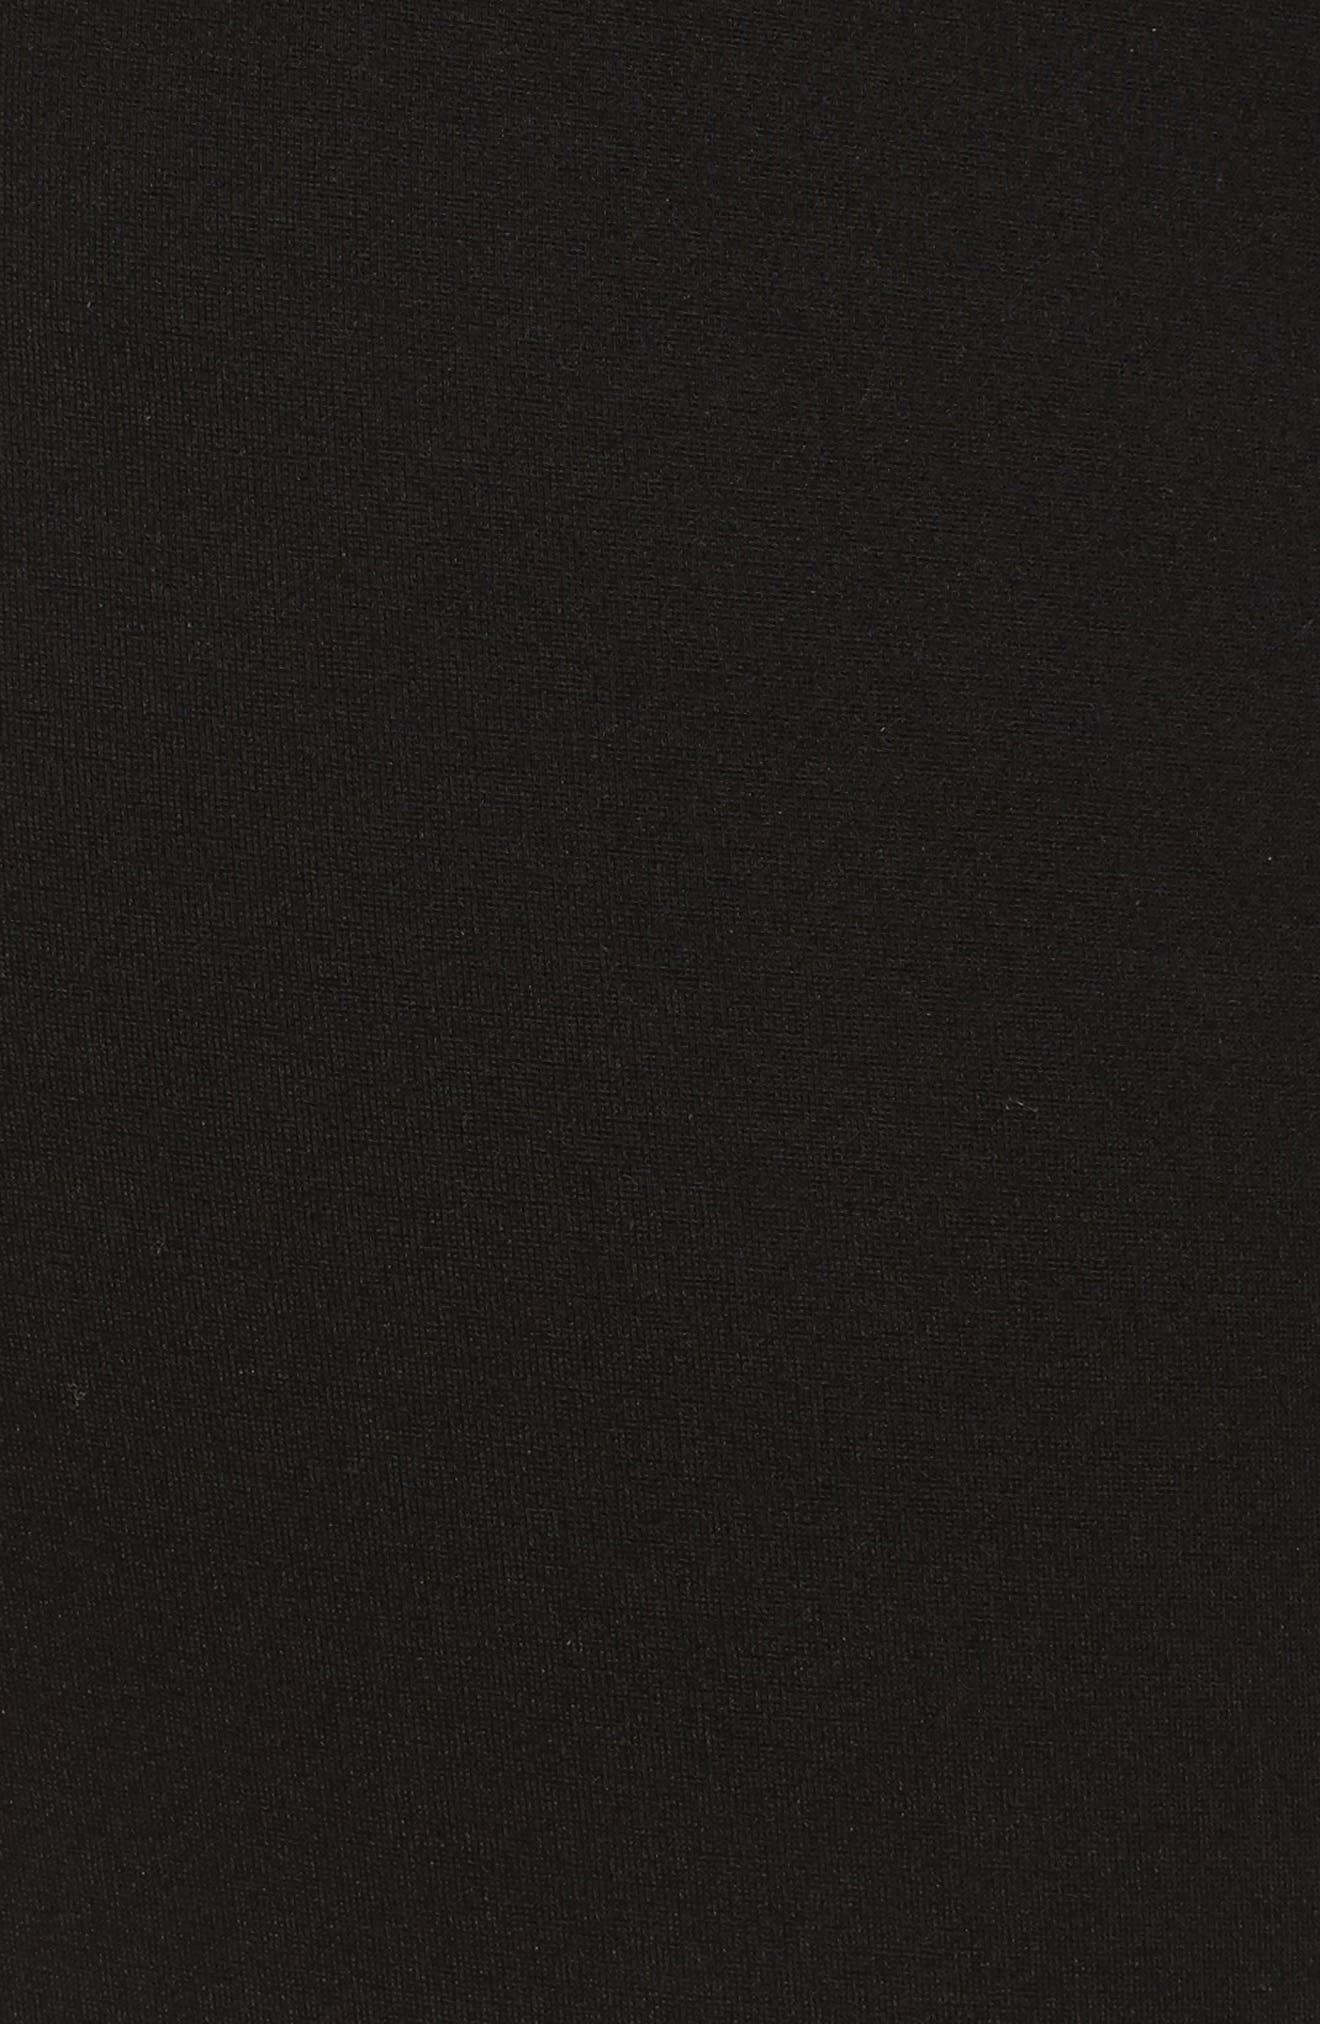 Zip Pocket Ankle Leggings,                             Alternate thumbnail 6, color,                             Black